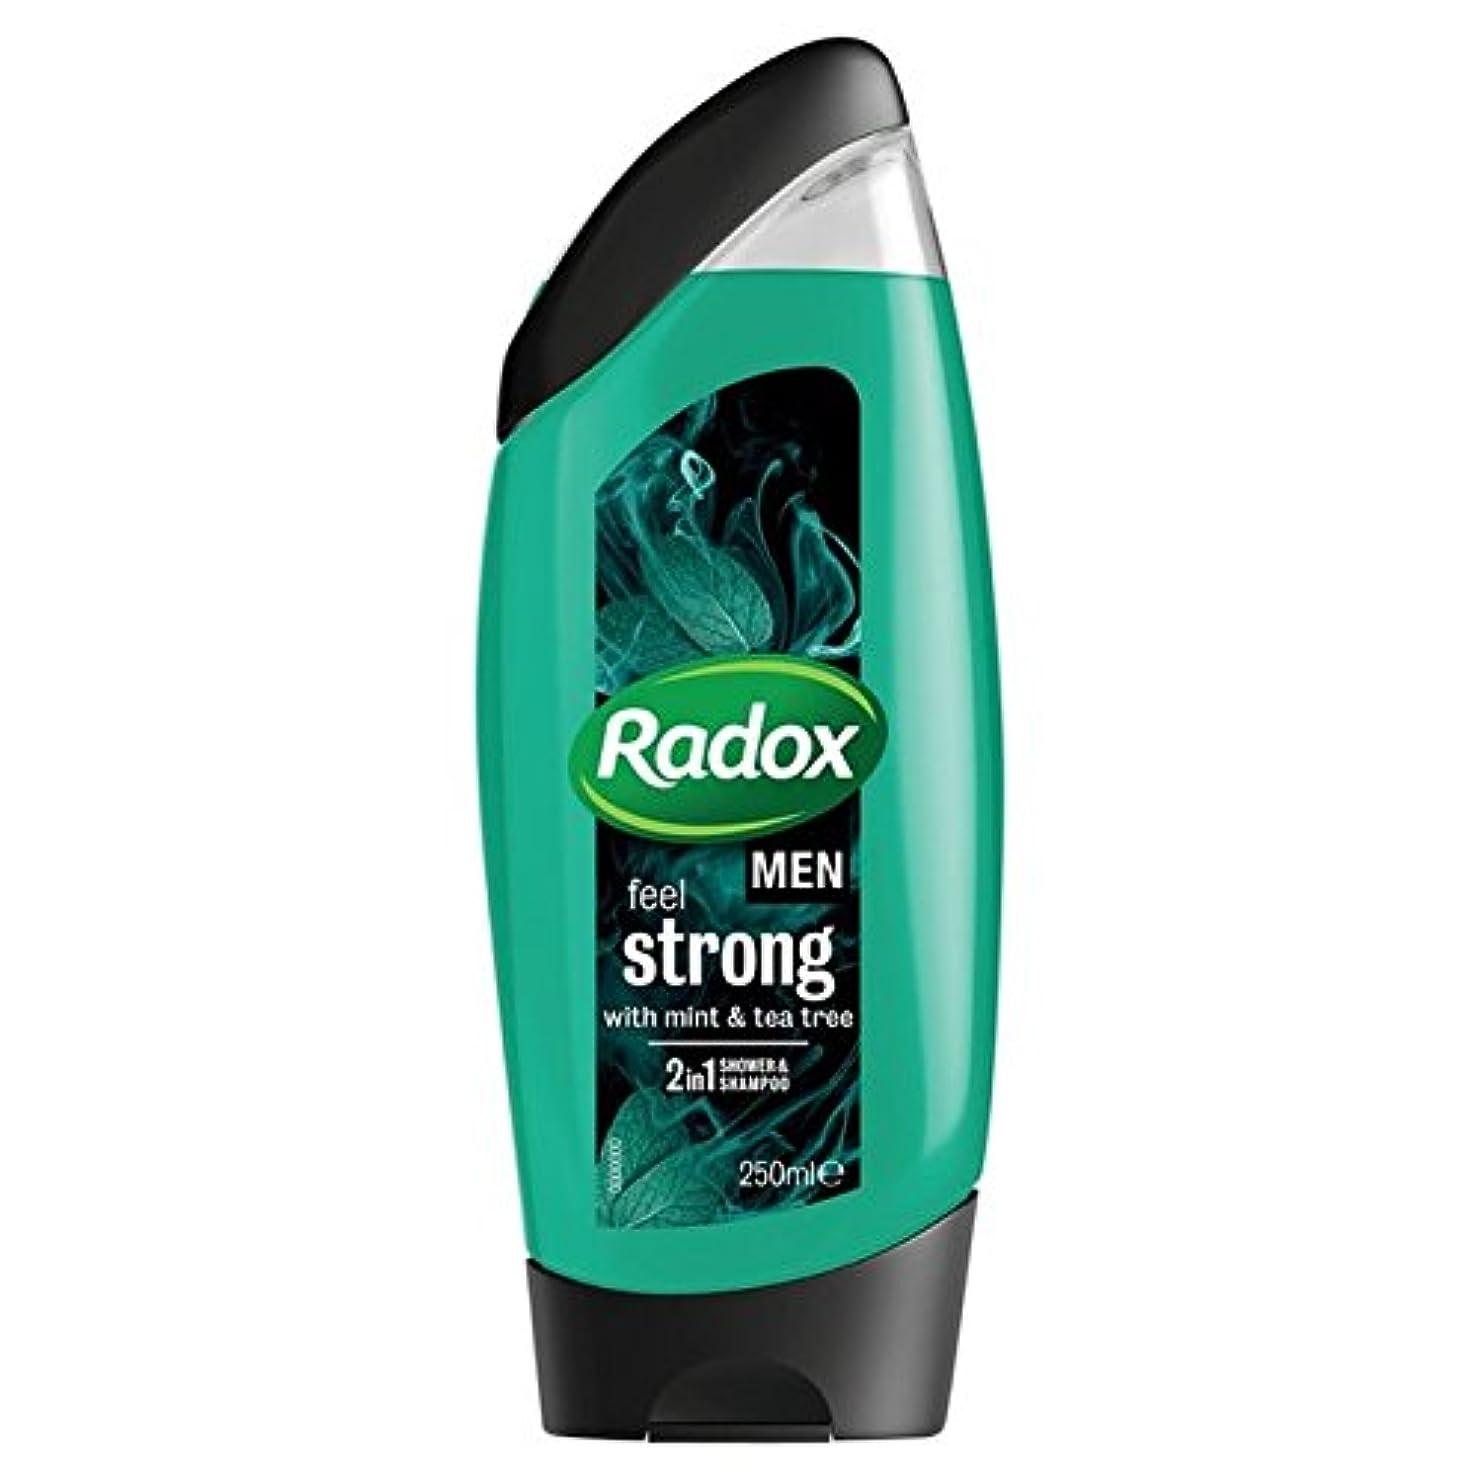 ミッションセットアップリダクター男性は、強力なミント&ティーツリーの21のシャワージェル250ミリリットルを感じます x2 - Radox Men Feel Strong Mint & Tea Tree 2in1 Shower Gel 250ml (Pack...